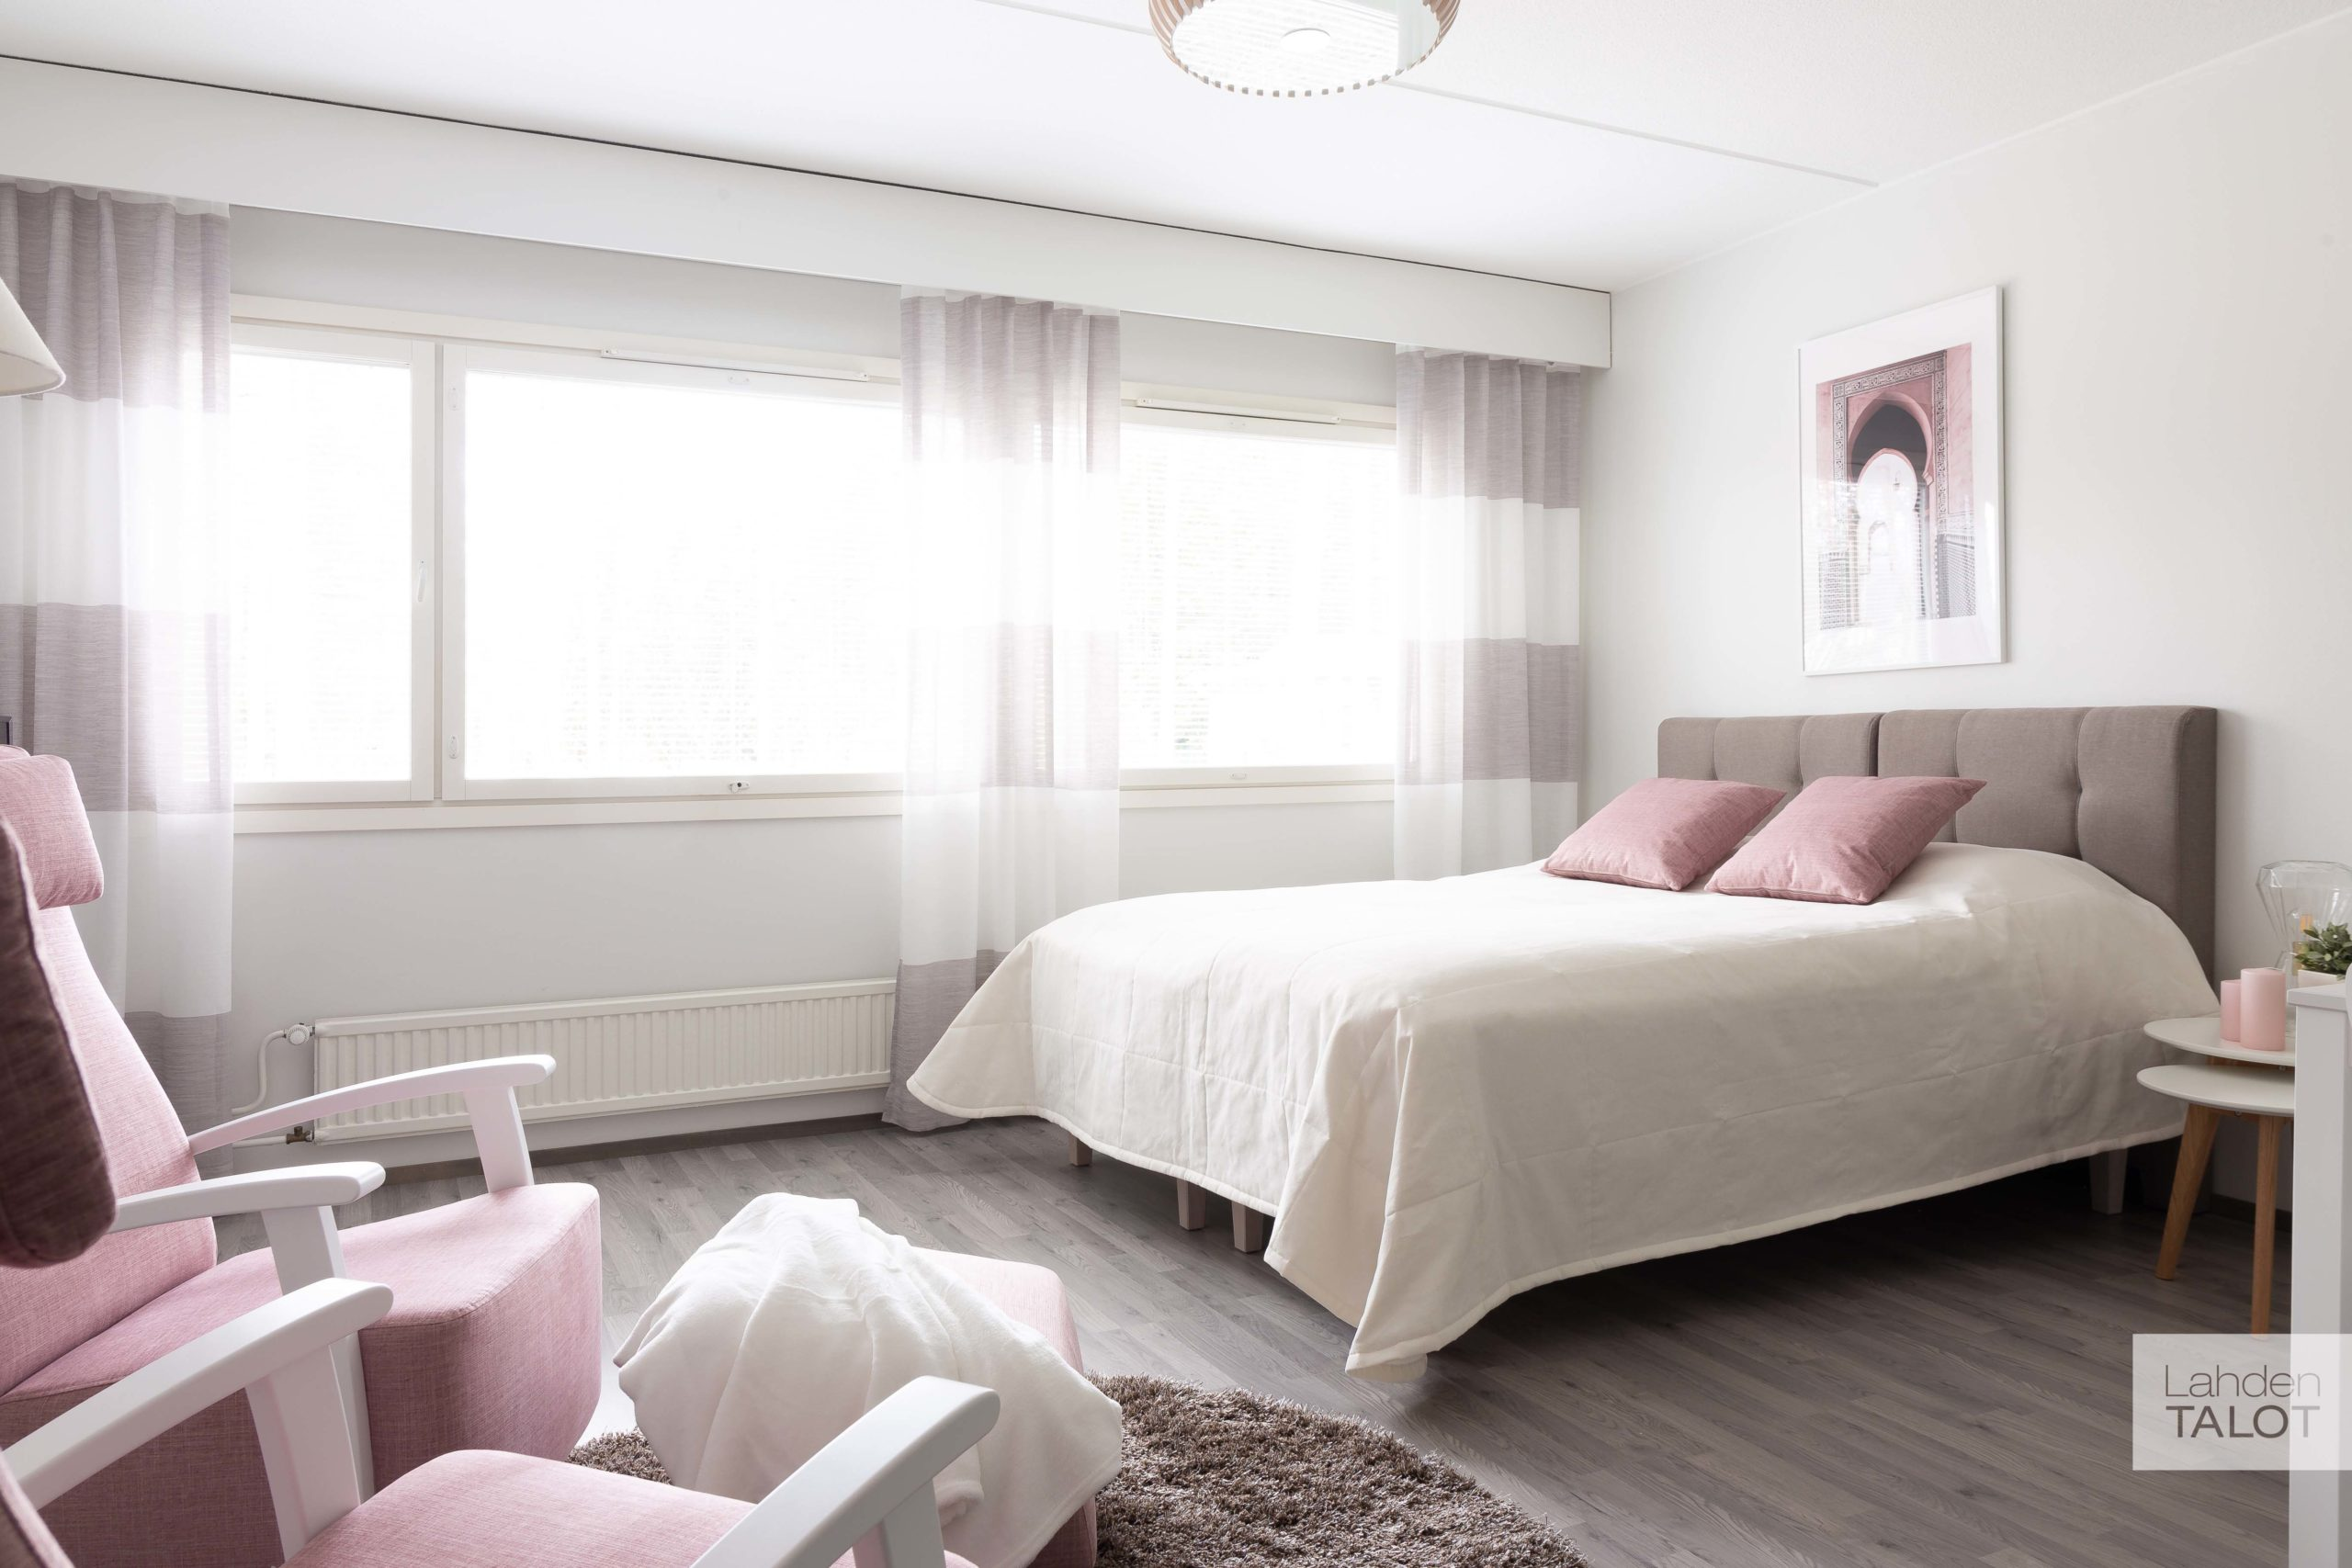 Sykekatu 6 makuuhuone